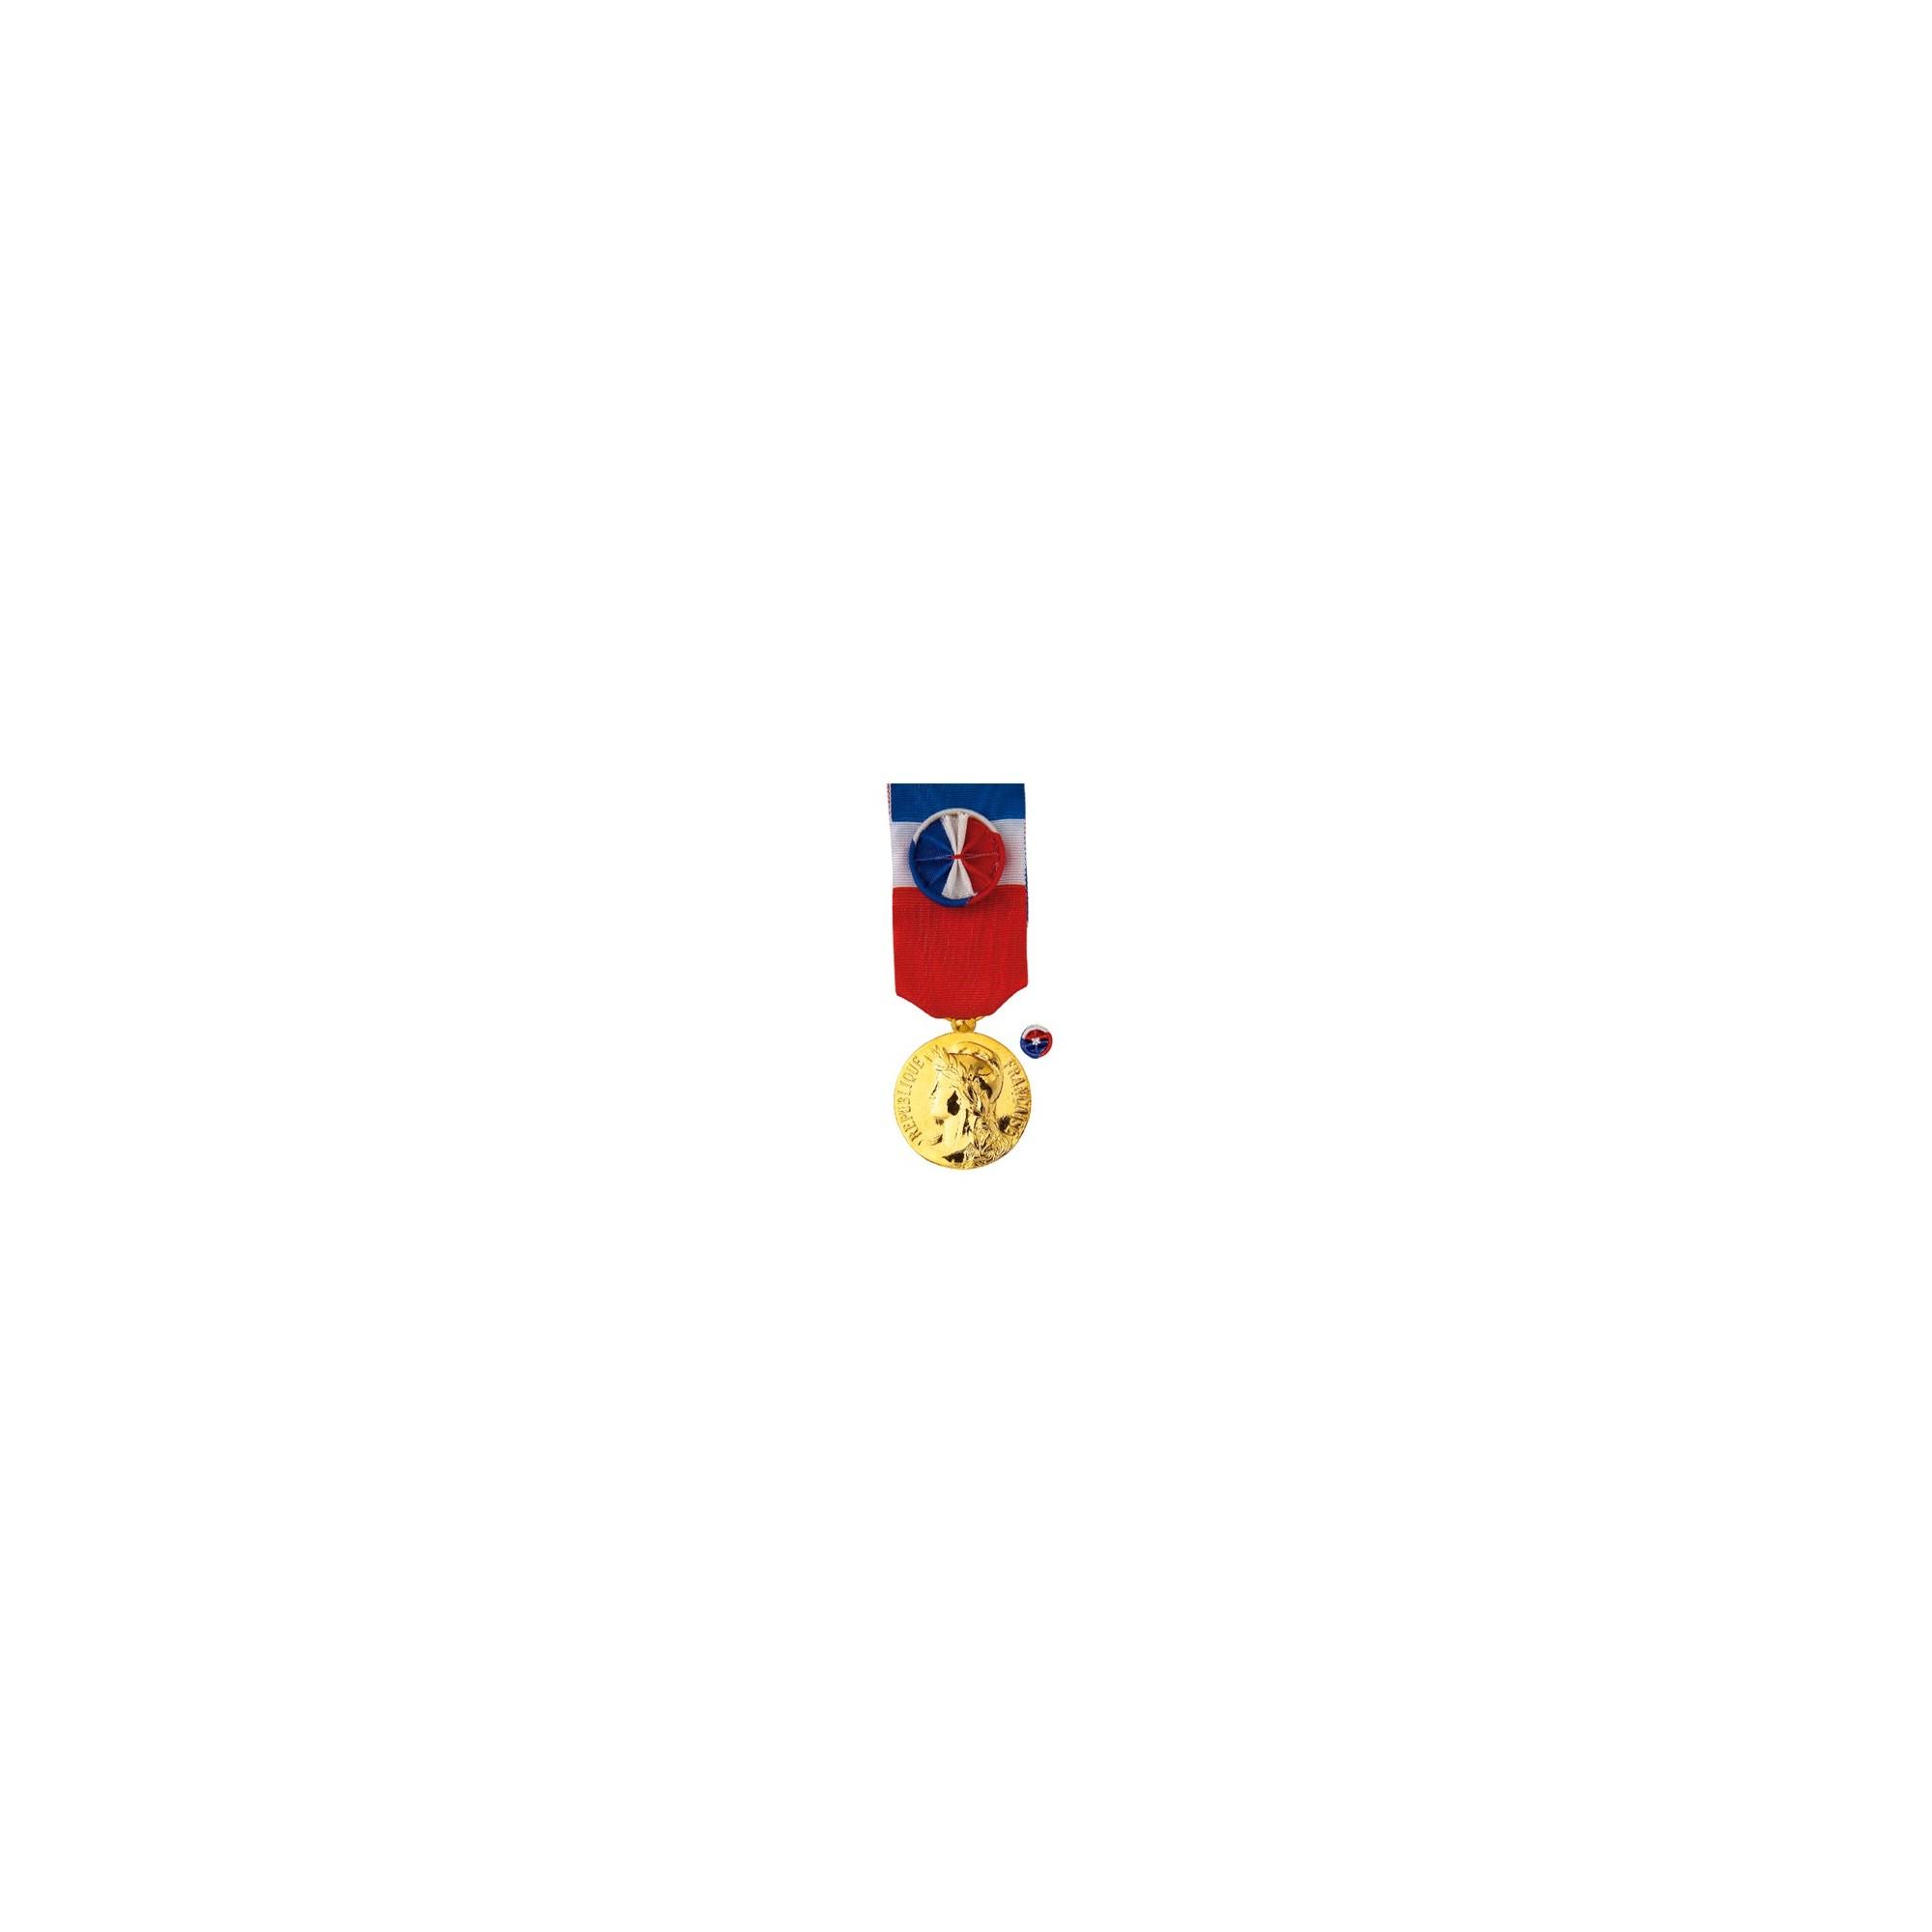 Médaille d'Honneur du Travail - Vermeil